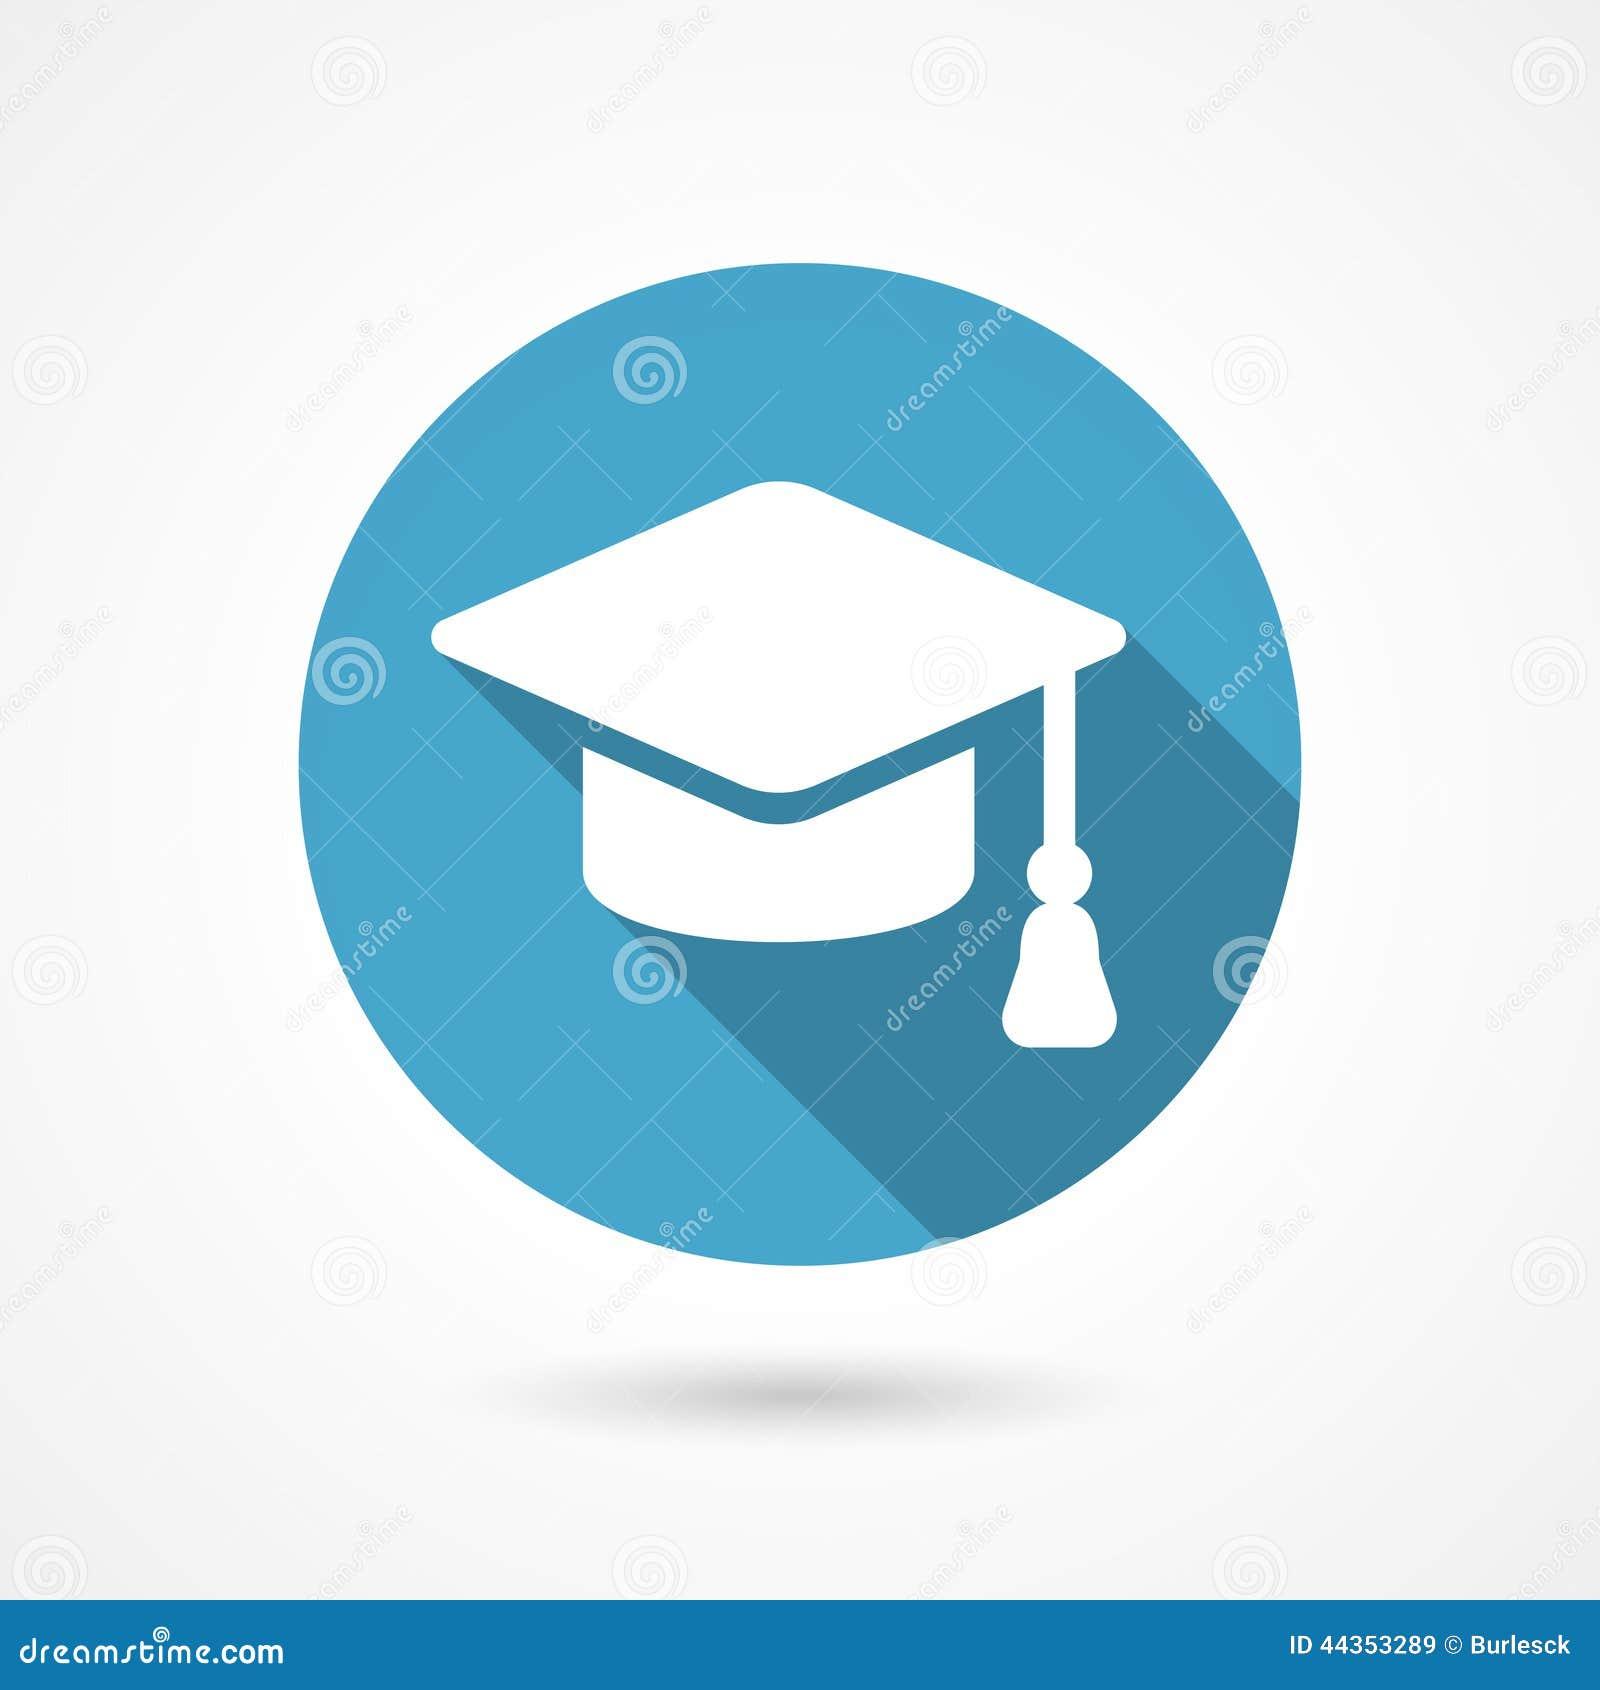 Diploma Icon Vector